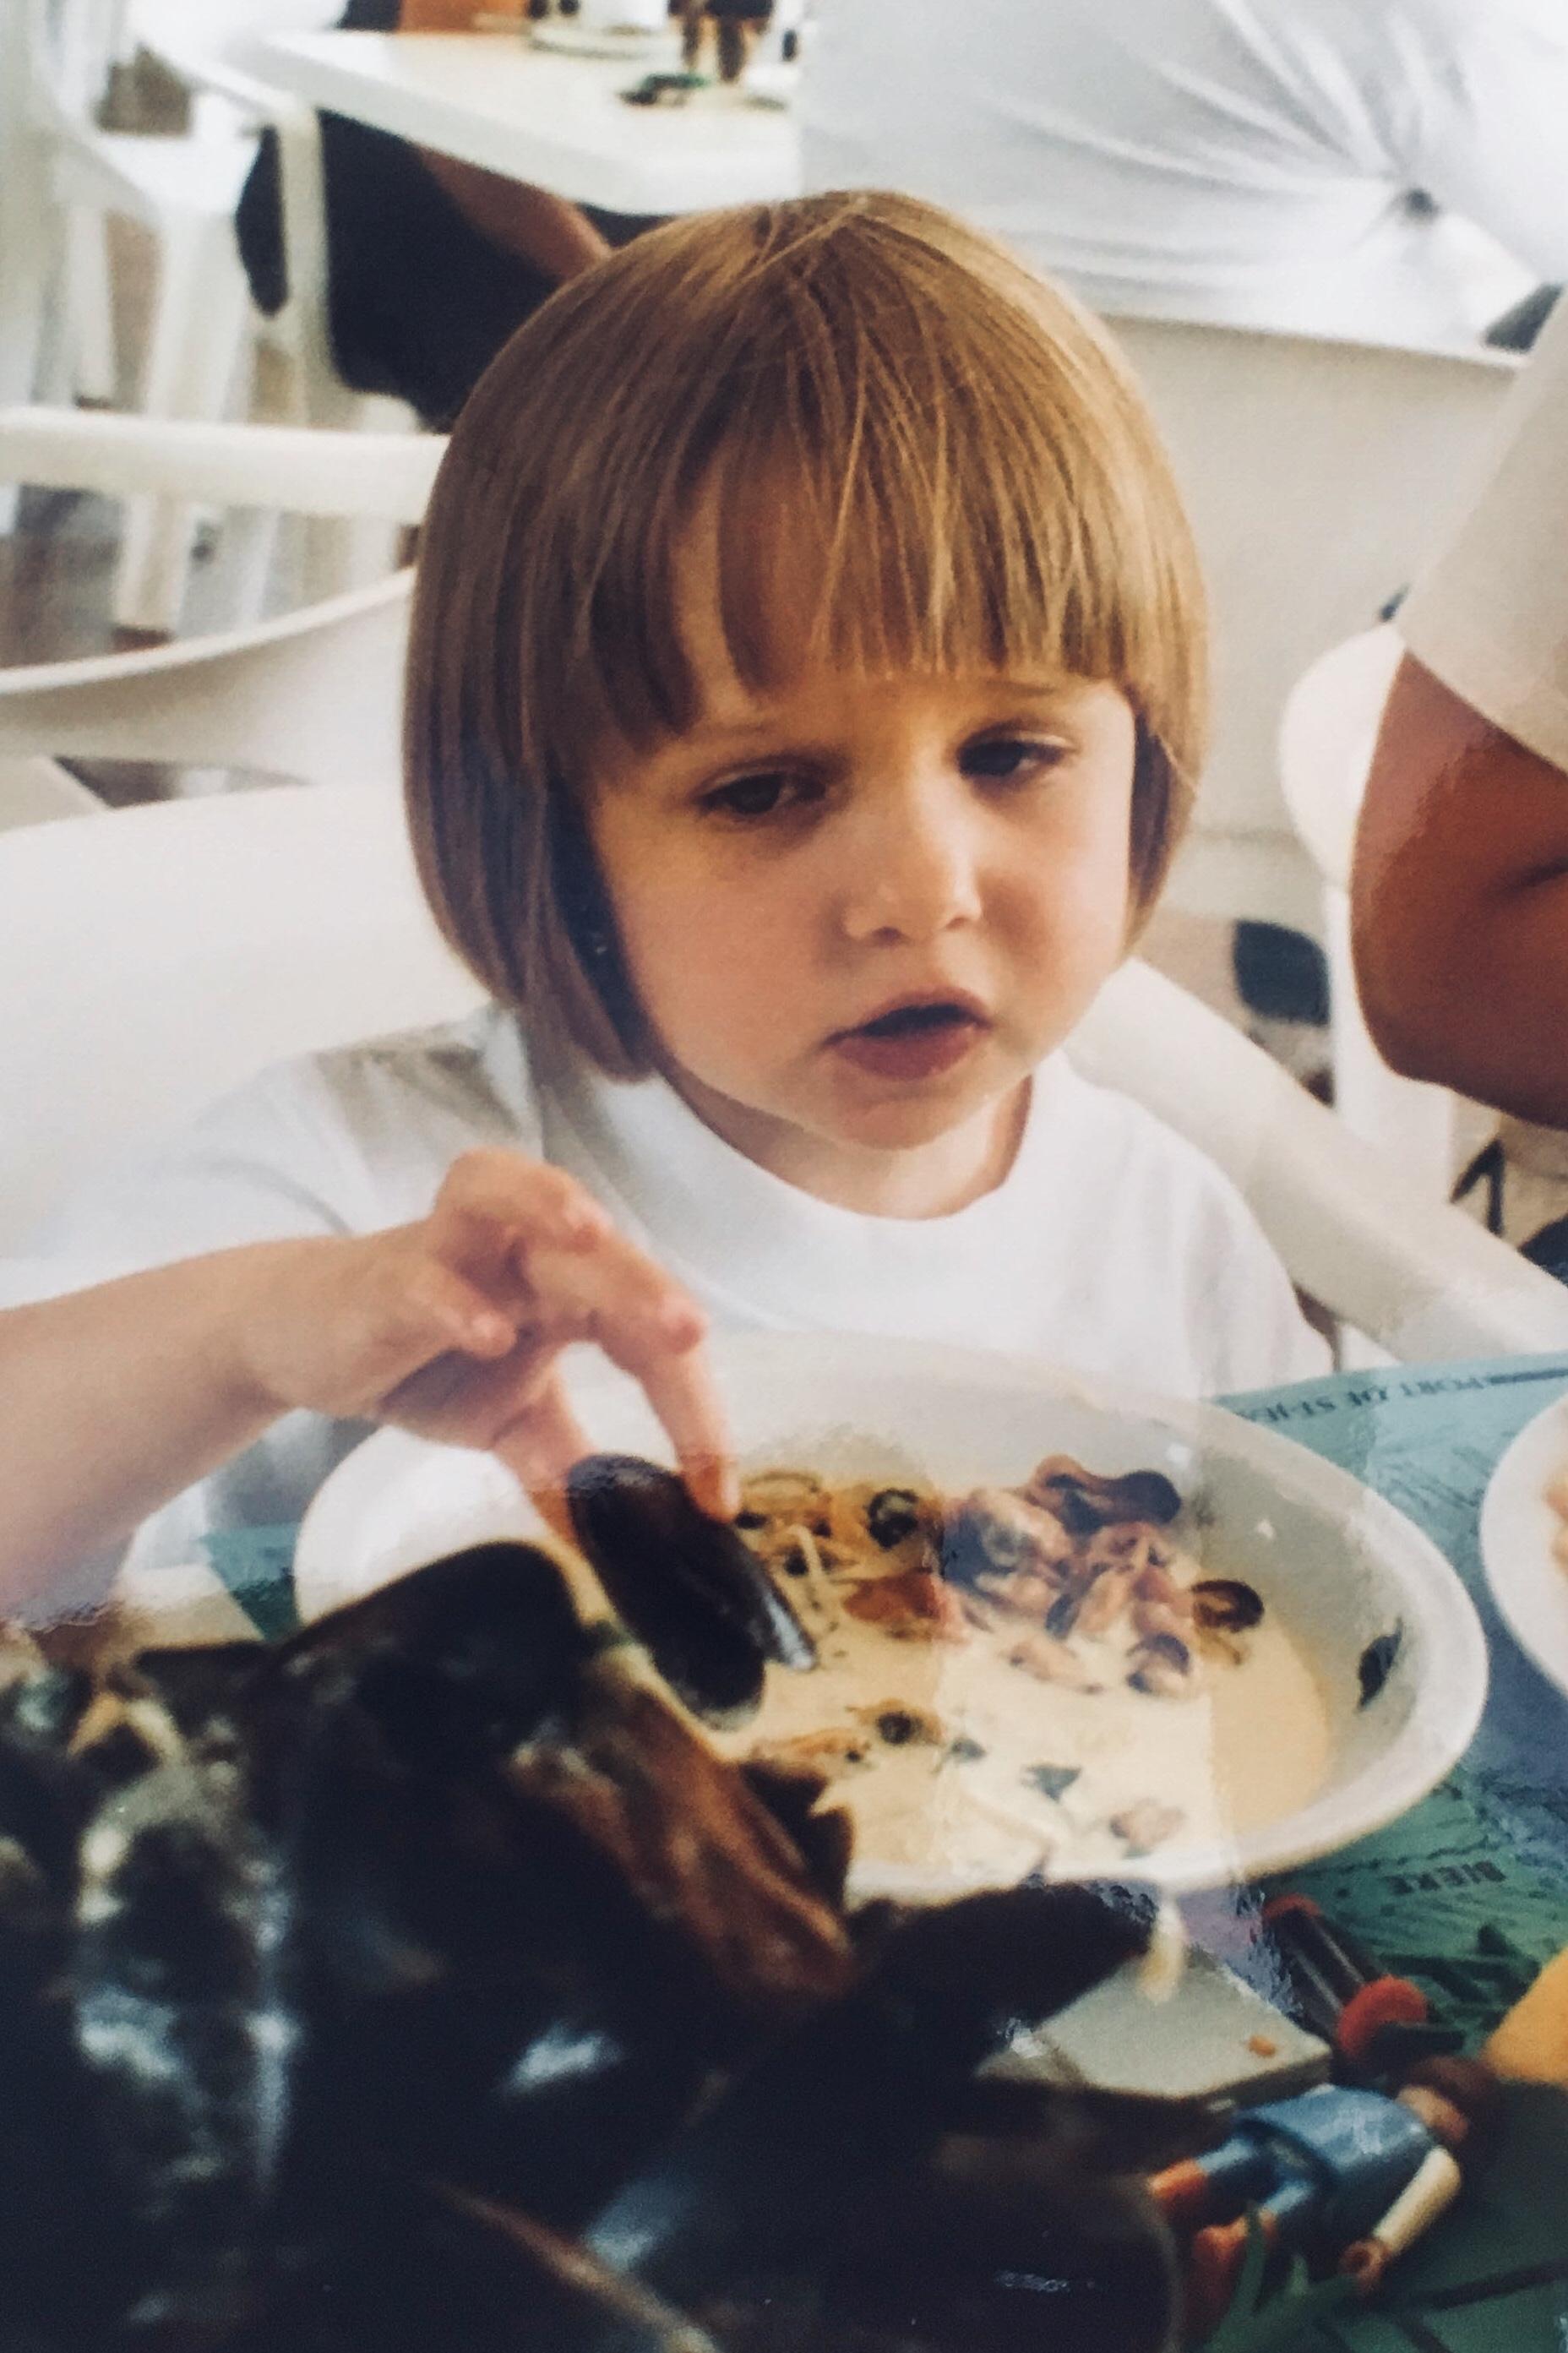 Emily aged 2